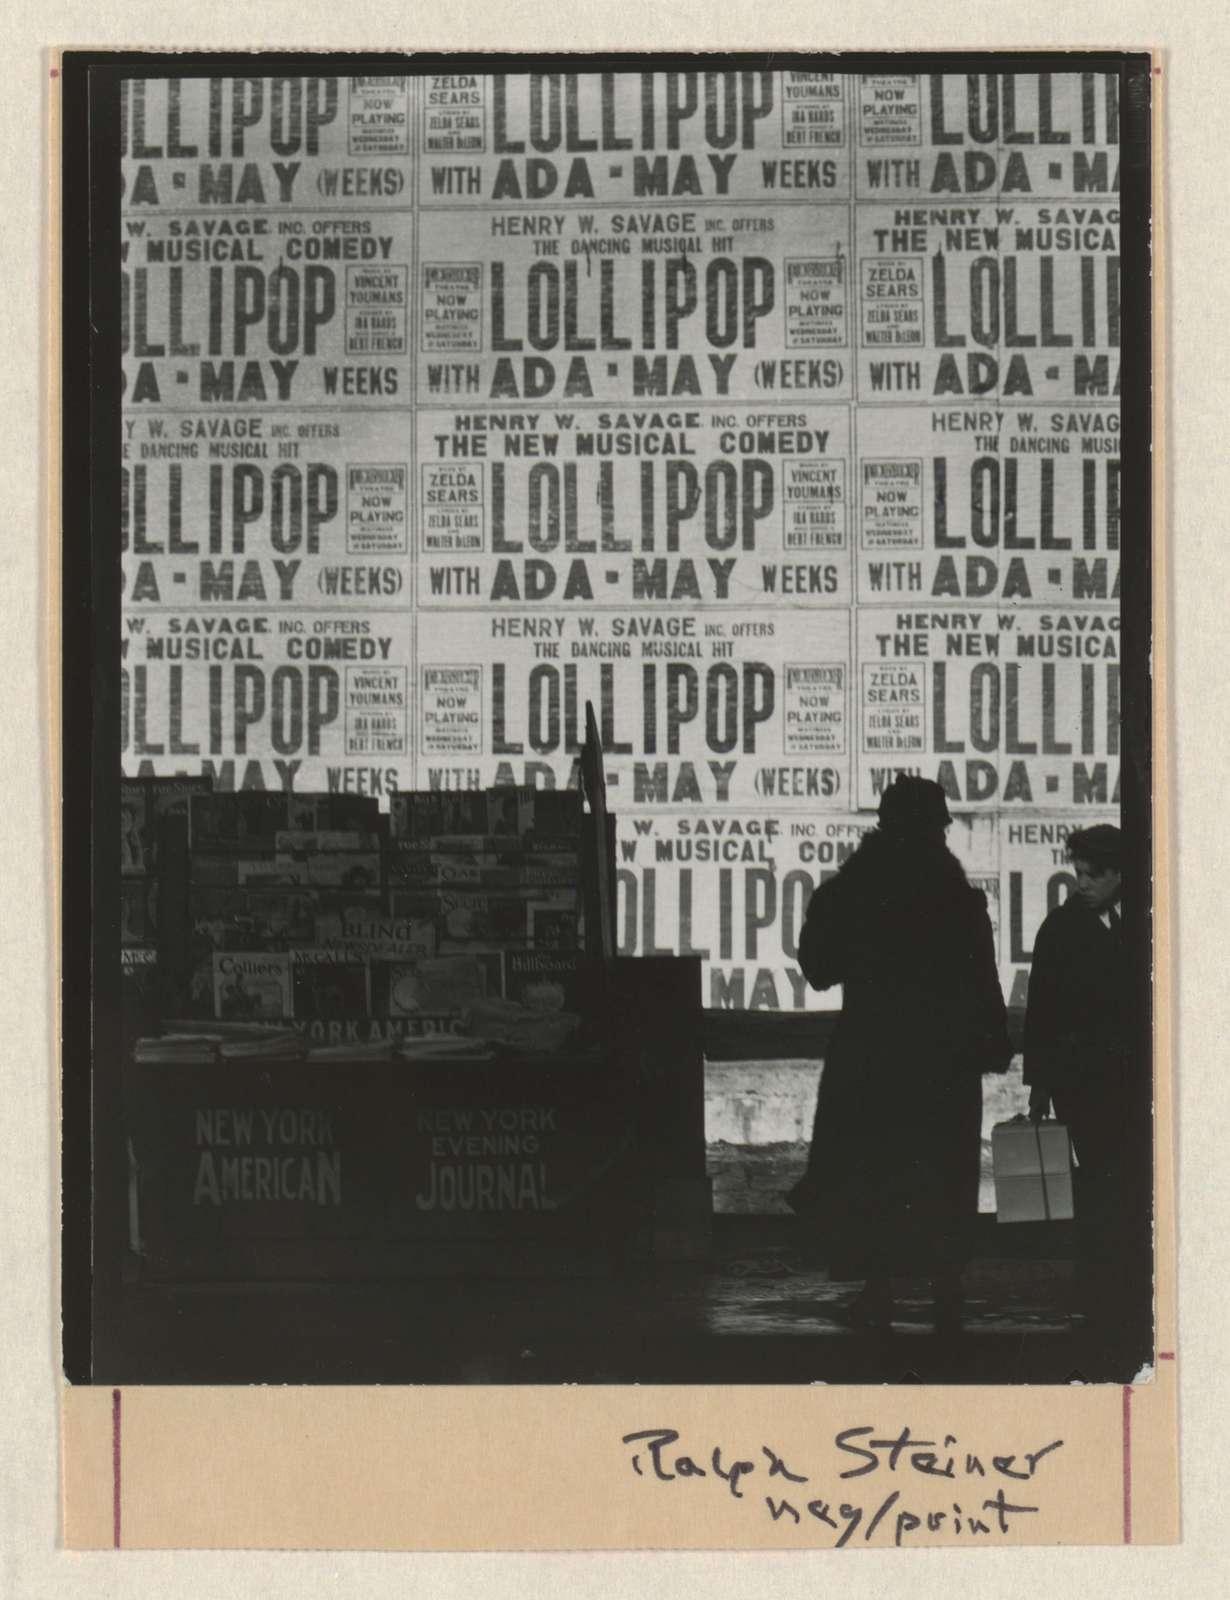 [Lollipop] / Ralph Steiner.